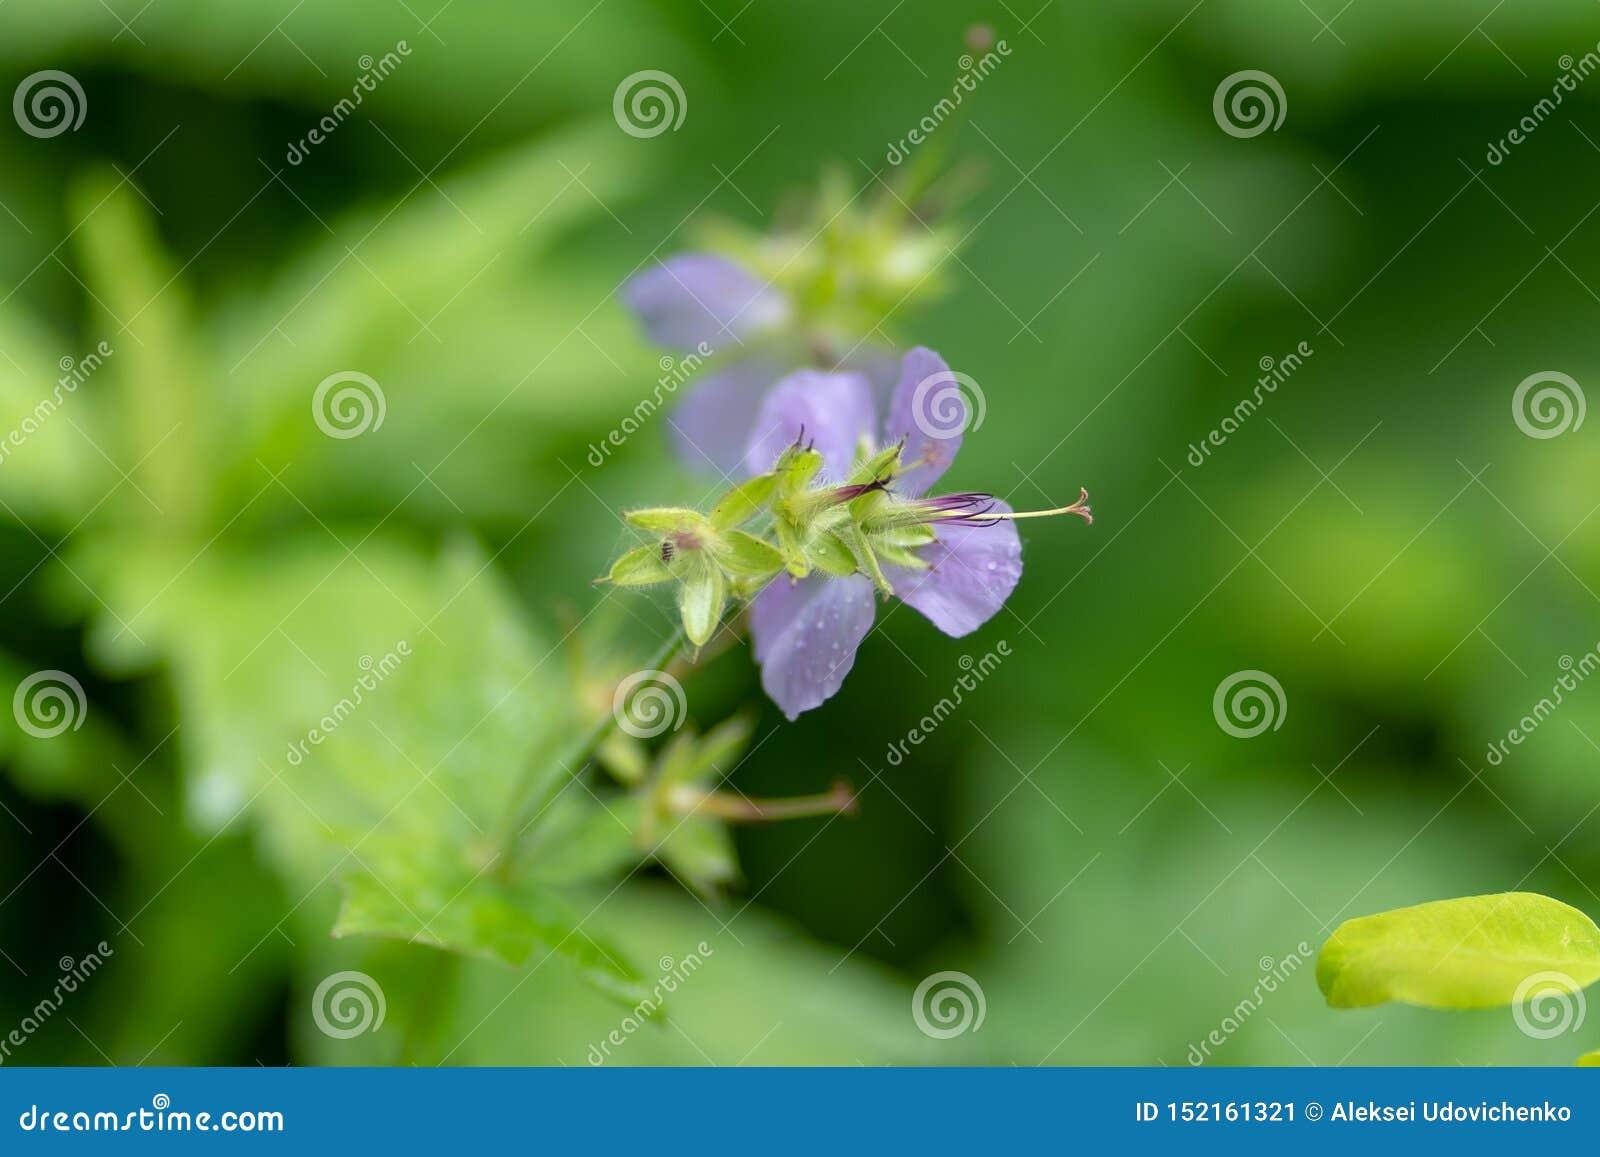 Foto van een lilac bloem tegen een grasachtergrond